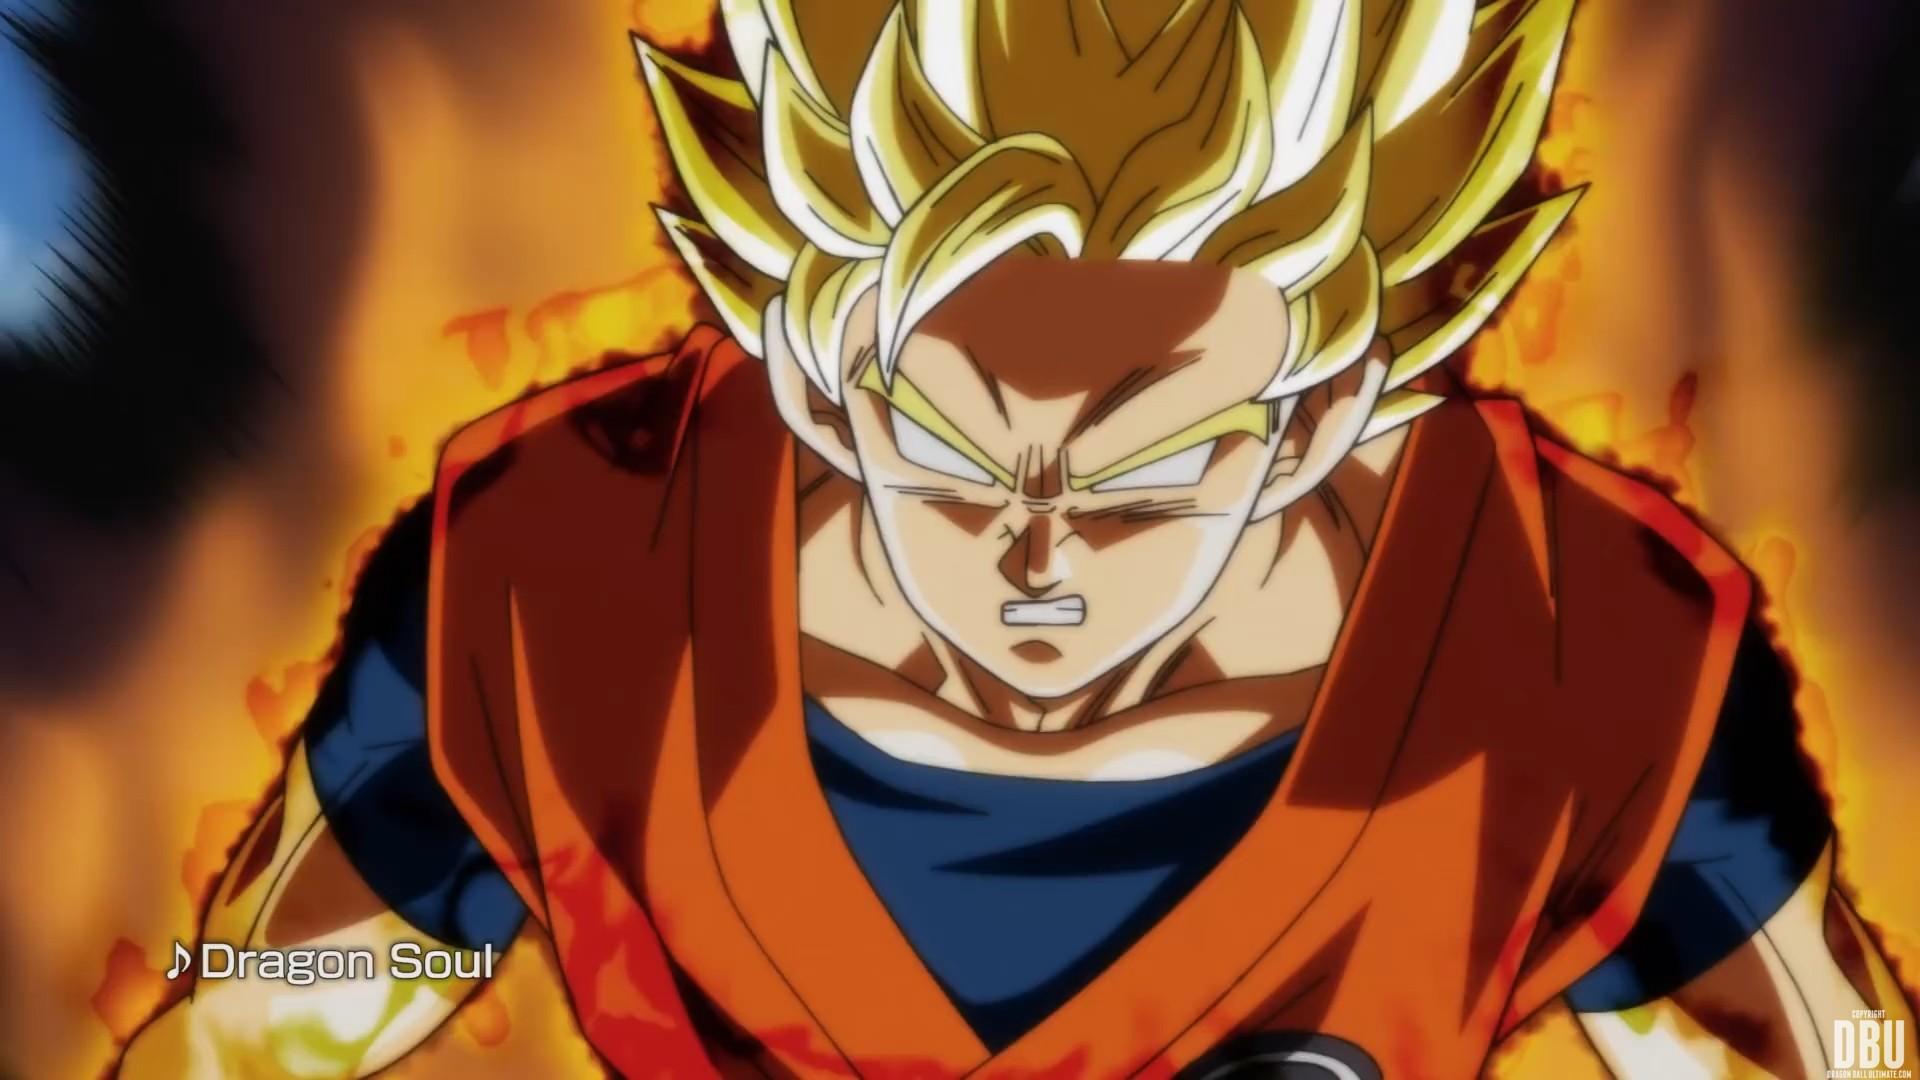 Dragon Ball Heroes s'offre une première bande-annonce alléchante